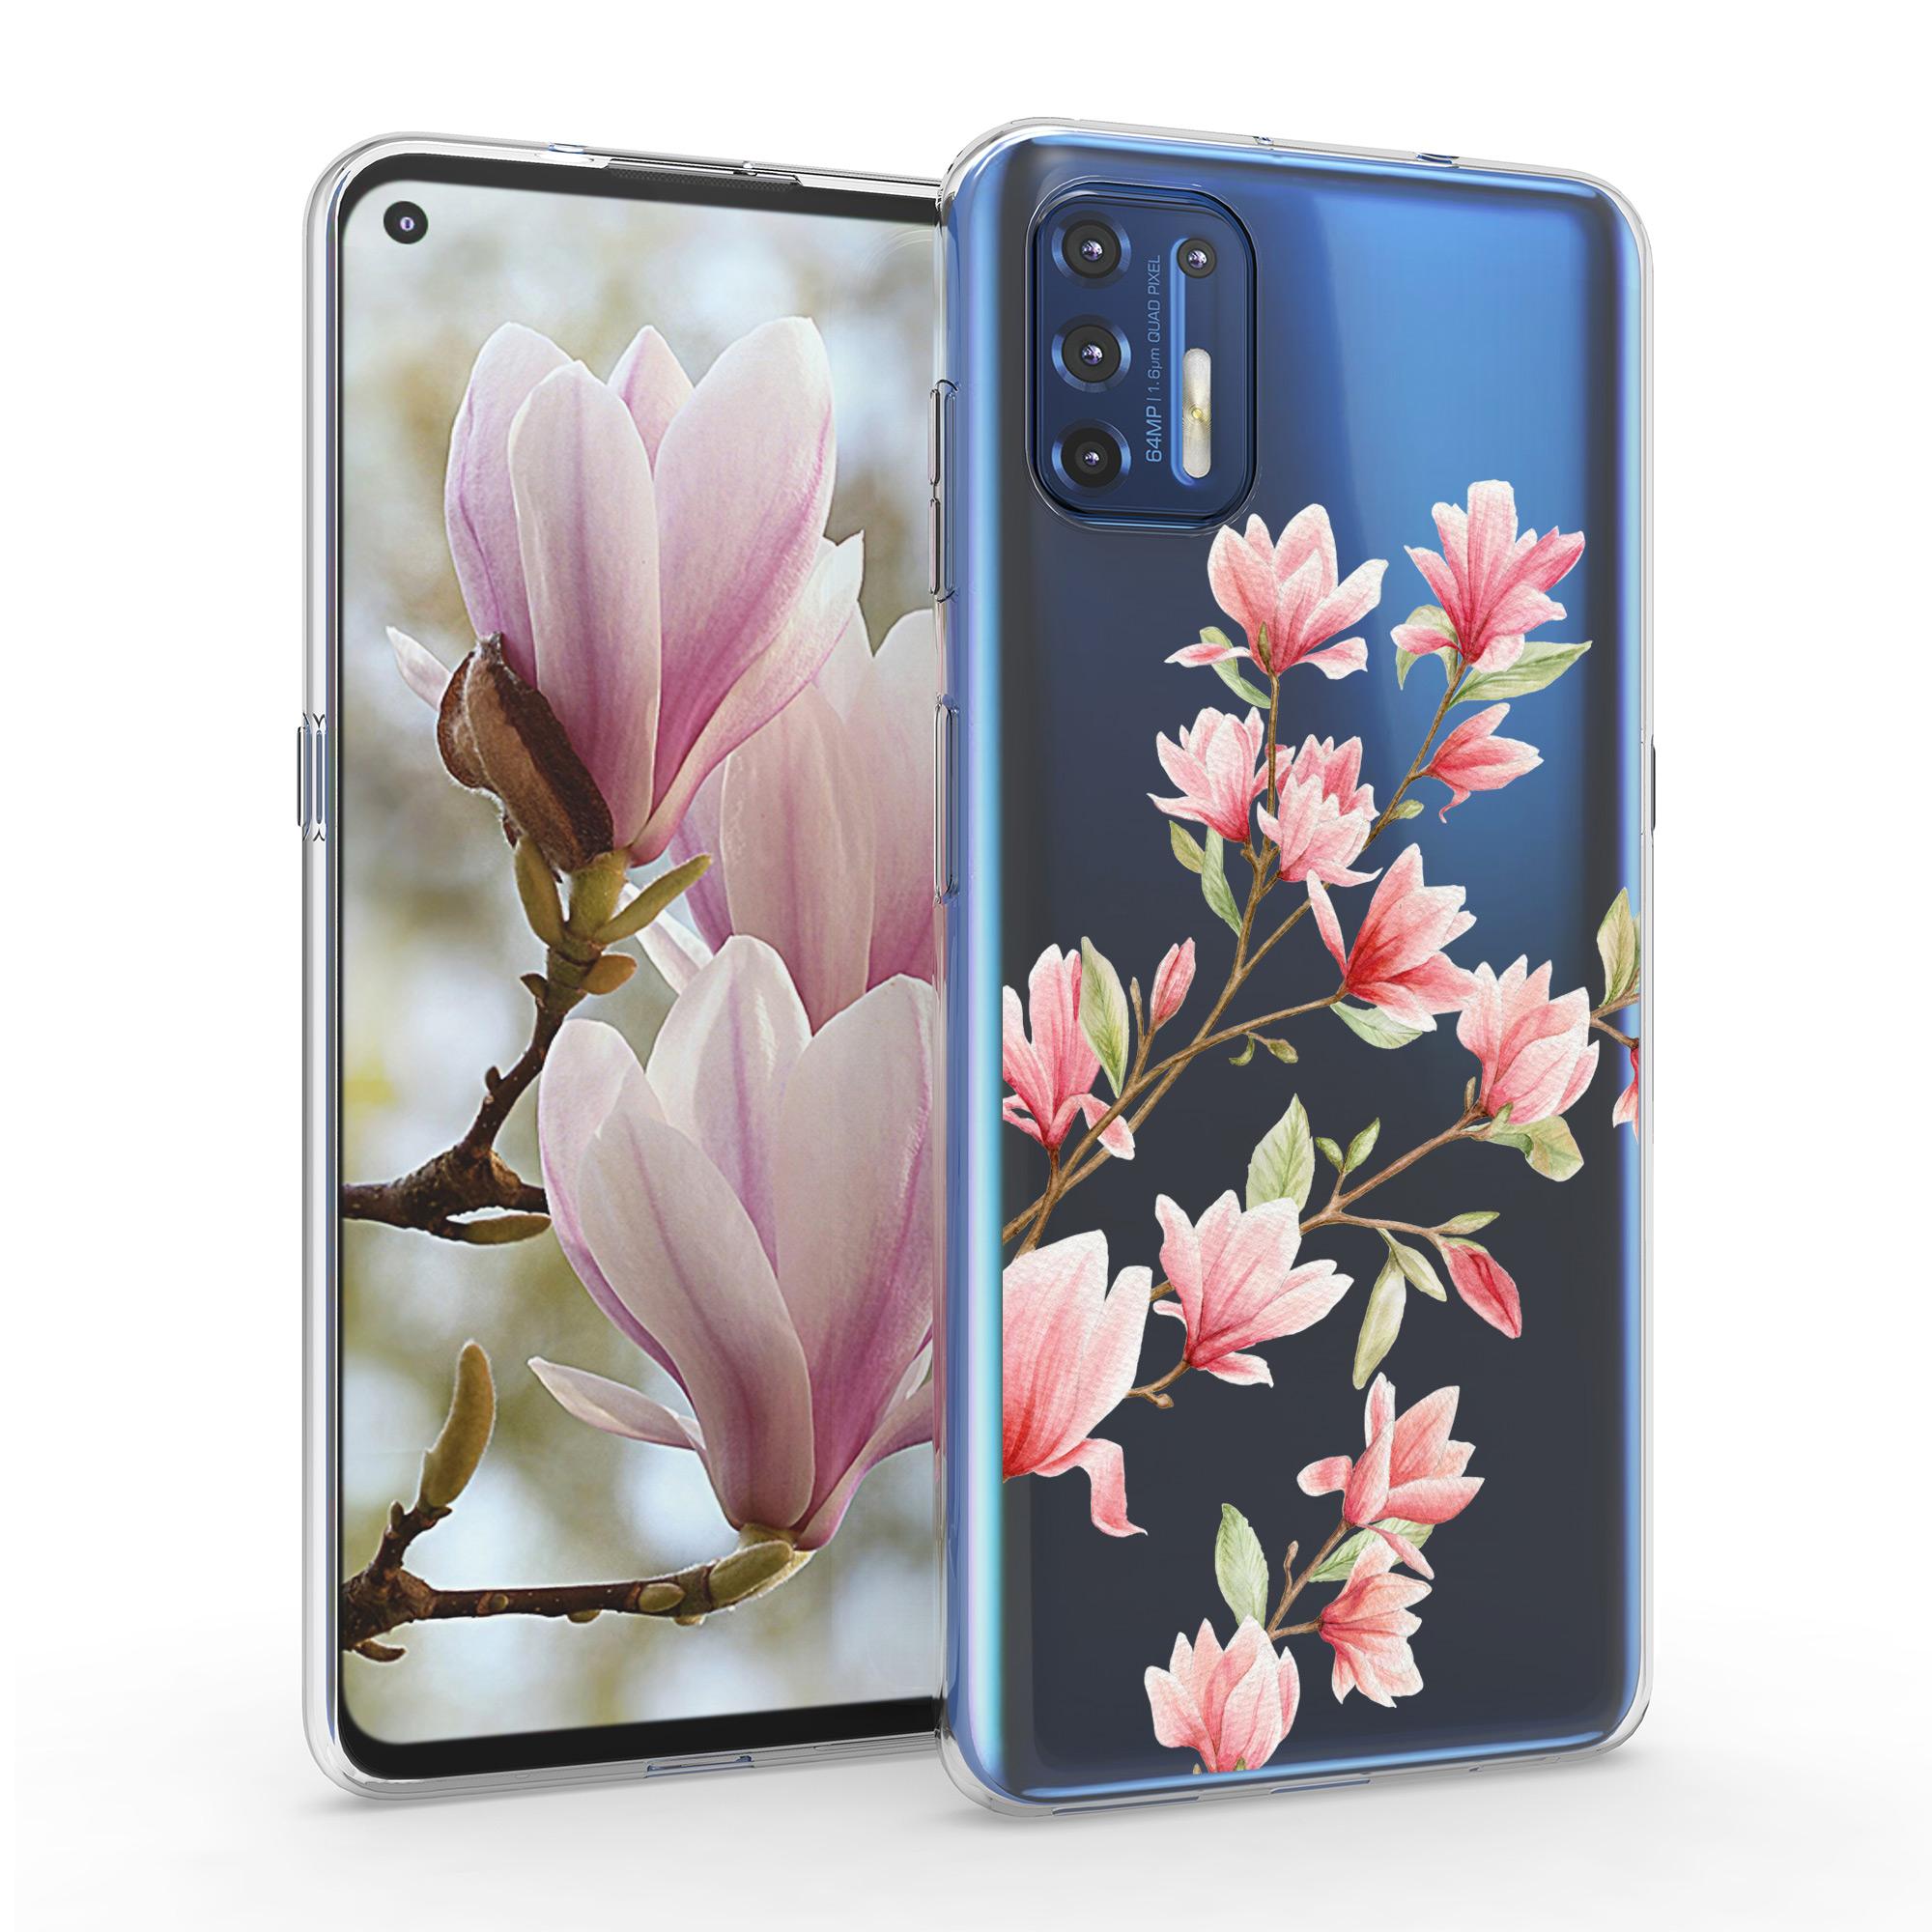 Kvalitní silikonové TPU pouzdro   obal pro Motorola Moto G9 Plus -  Magnolias růžová / bílá / průhledná